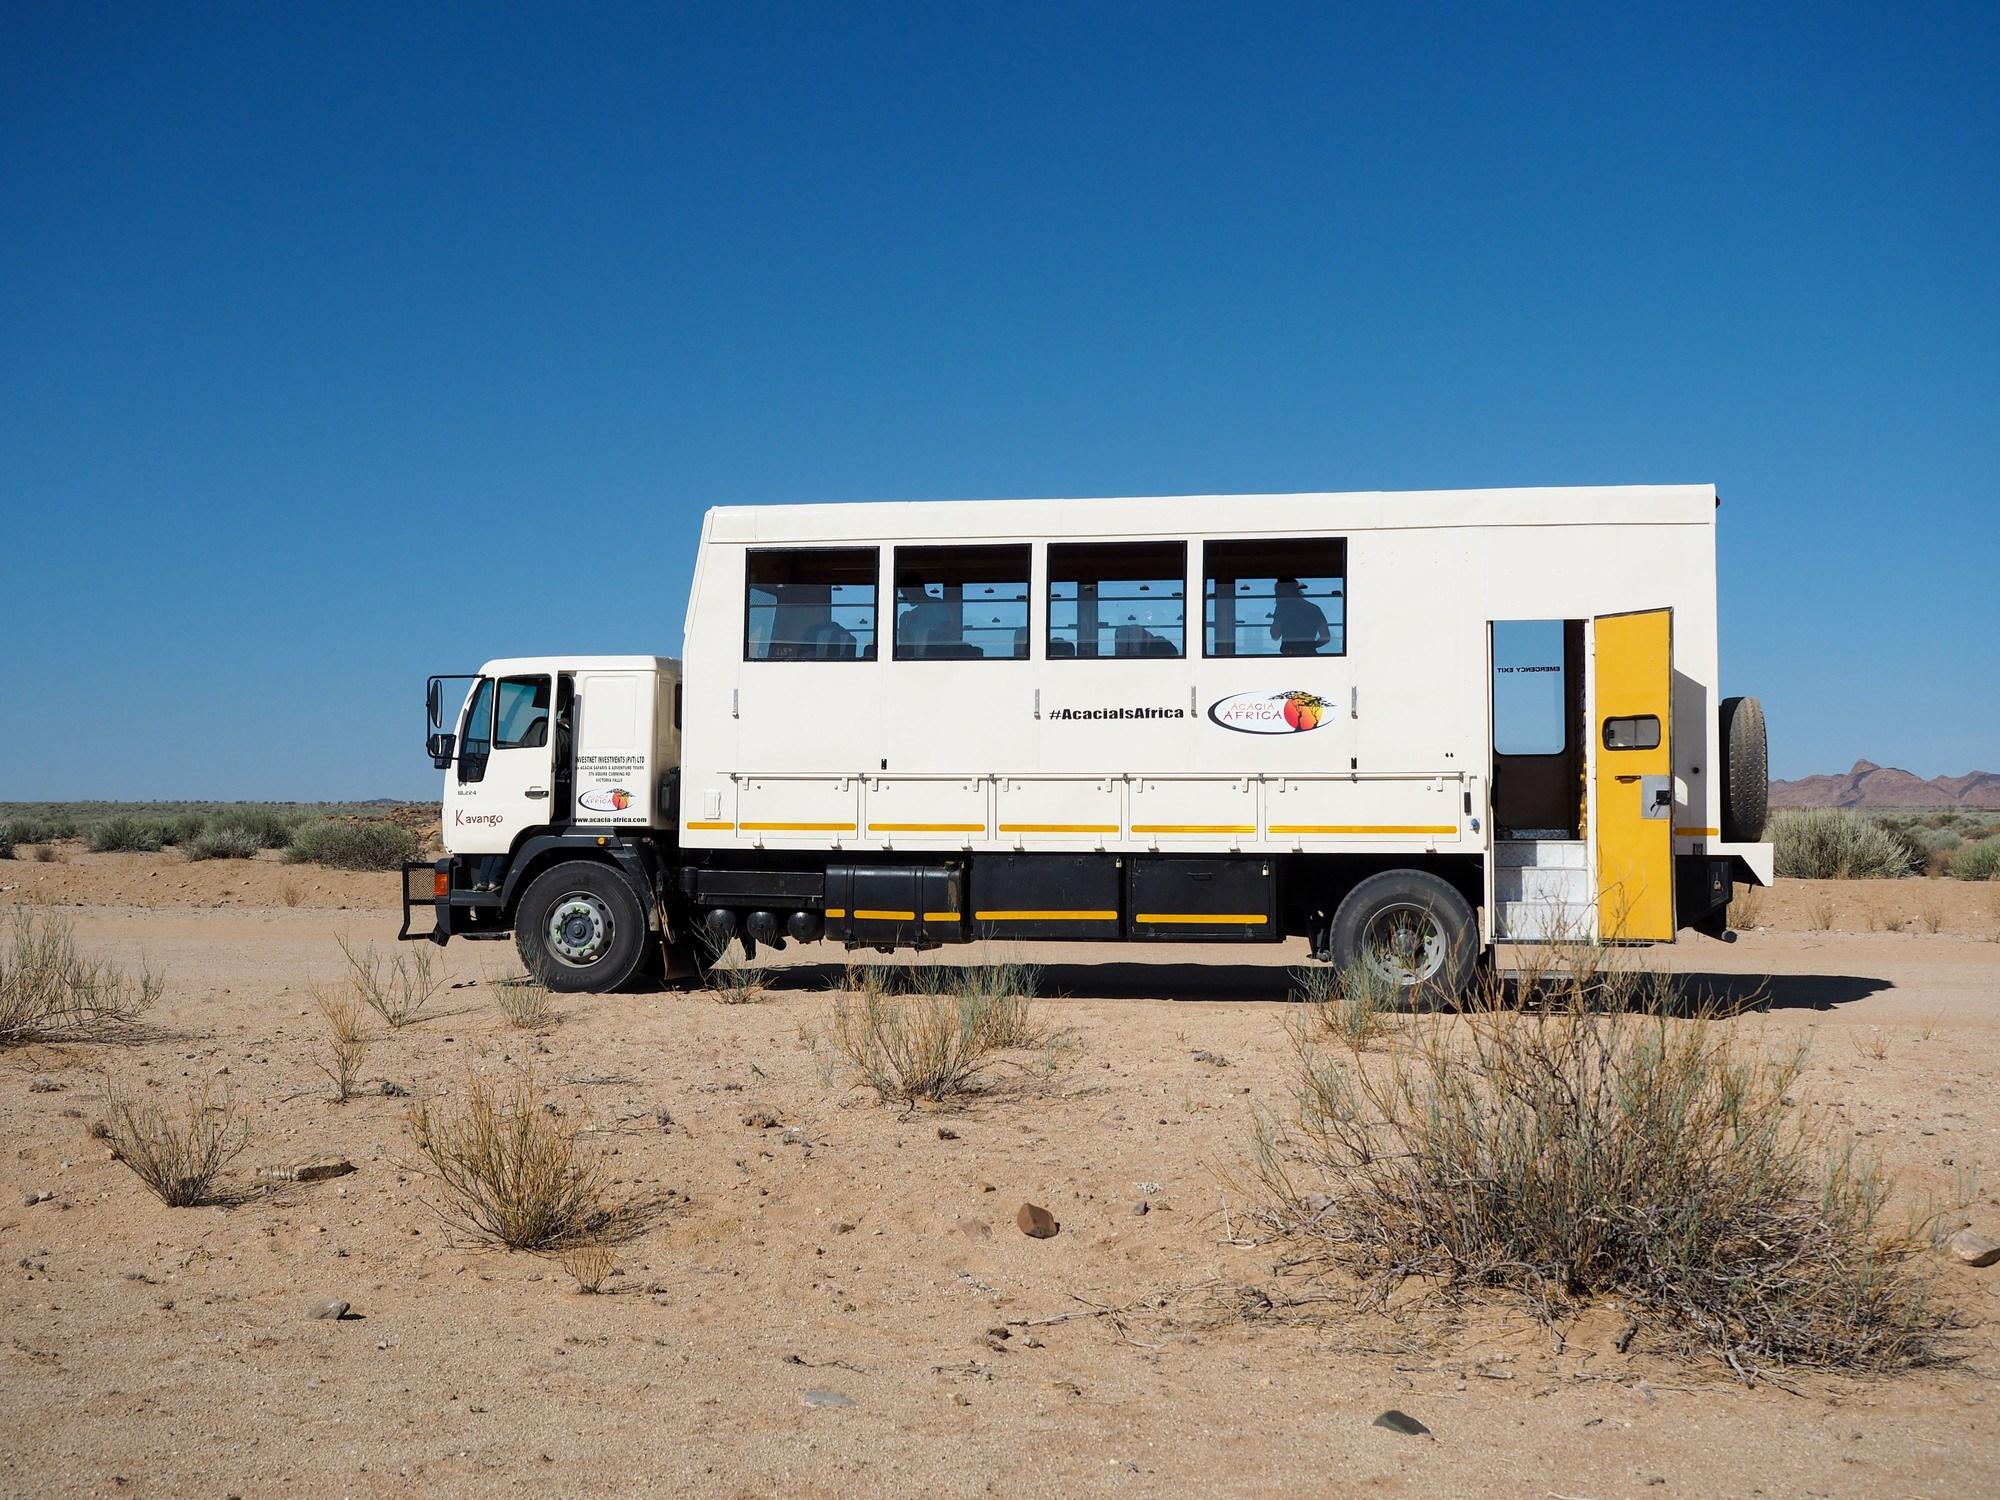 Overlanding in Africa